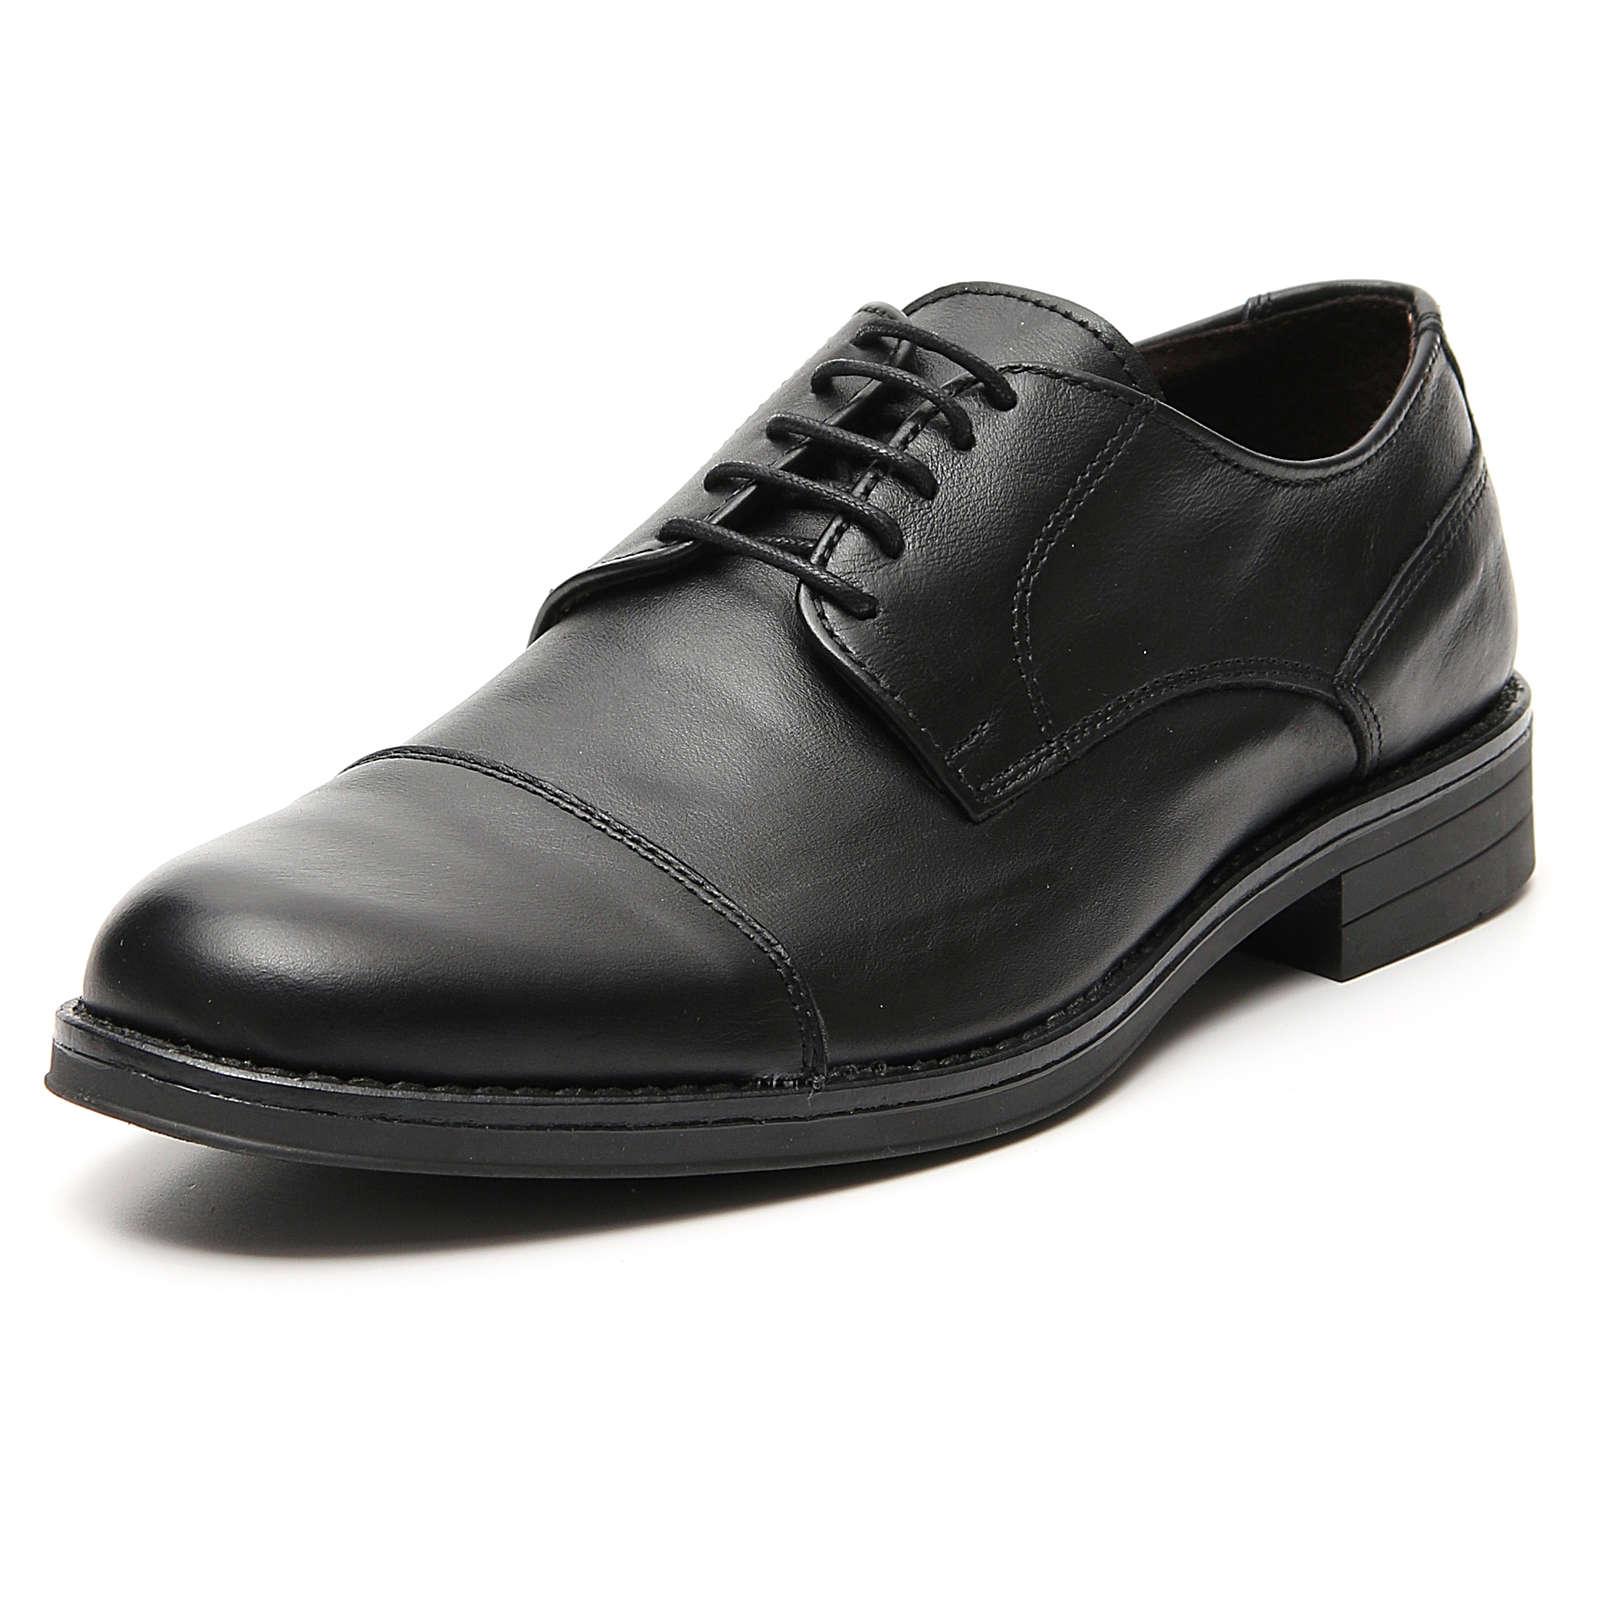 Chaussures cuir véritable noir mat coupe à pointe 4